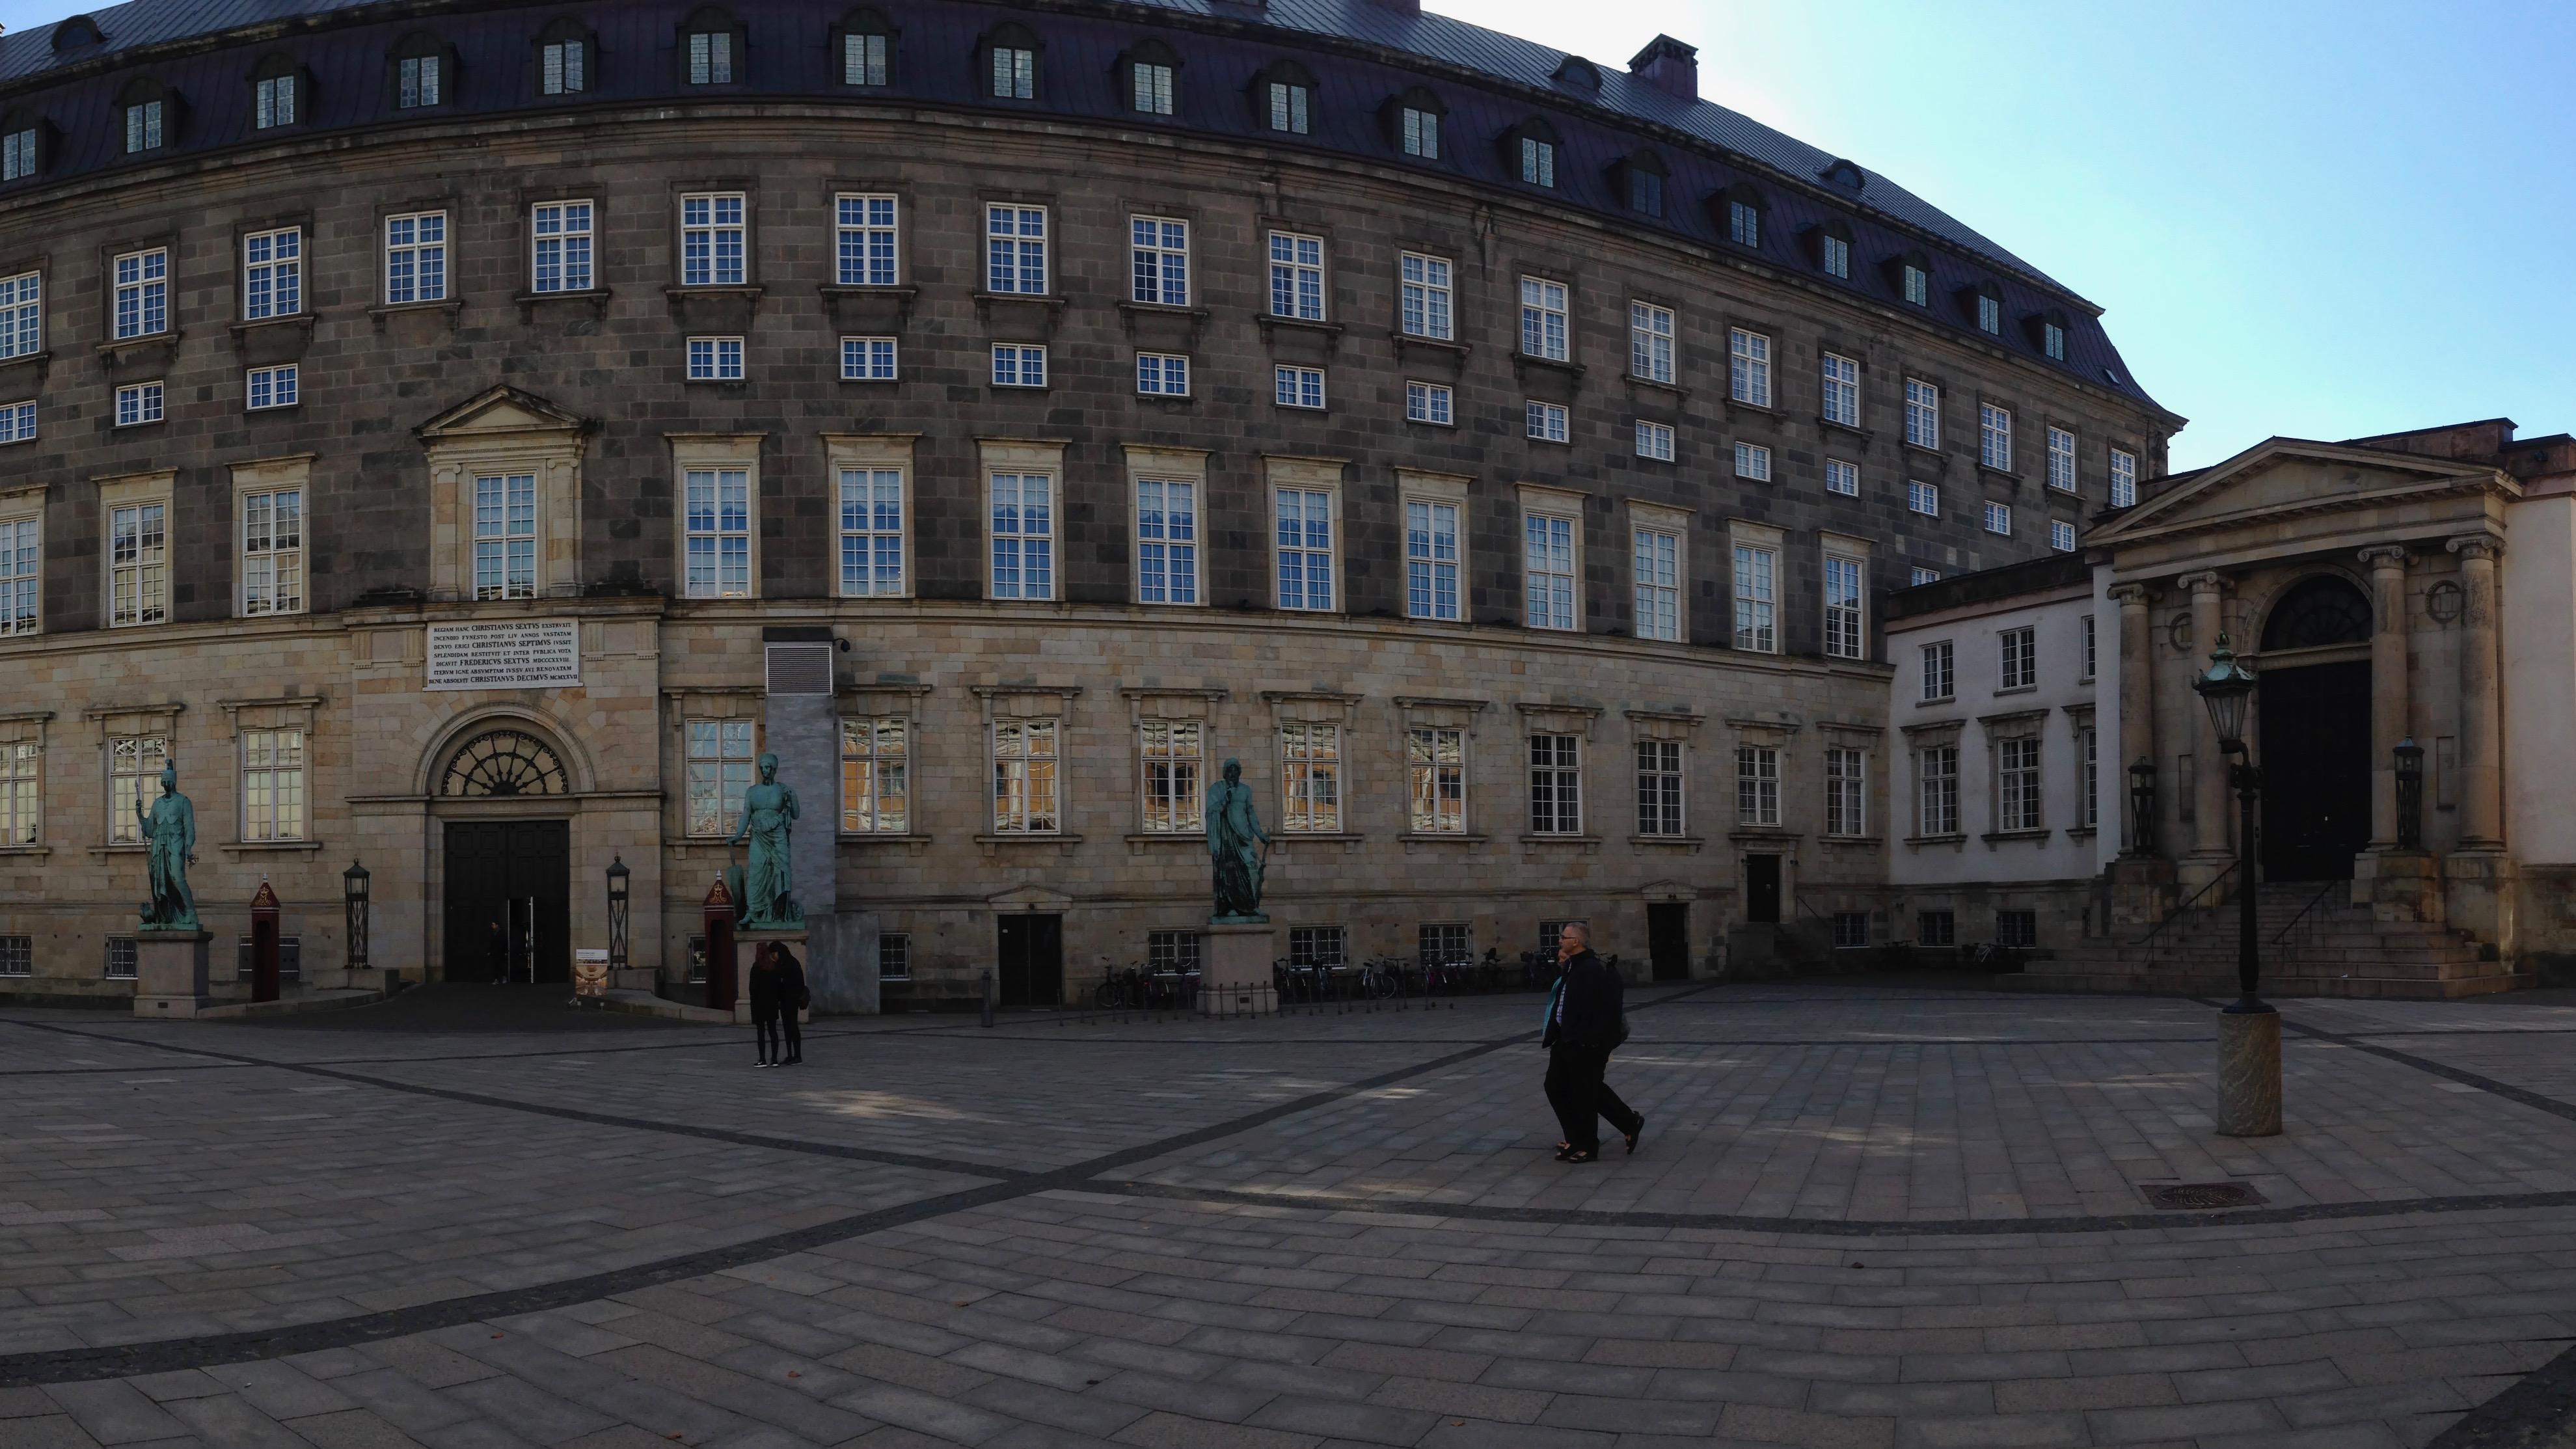 Outside Christiansborg Palace